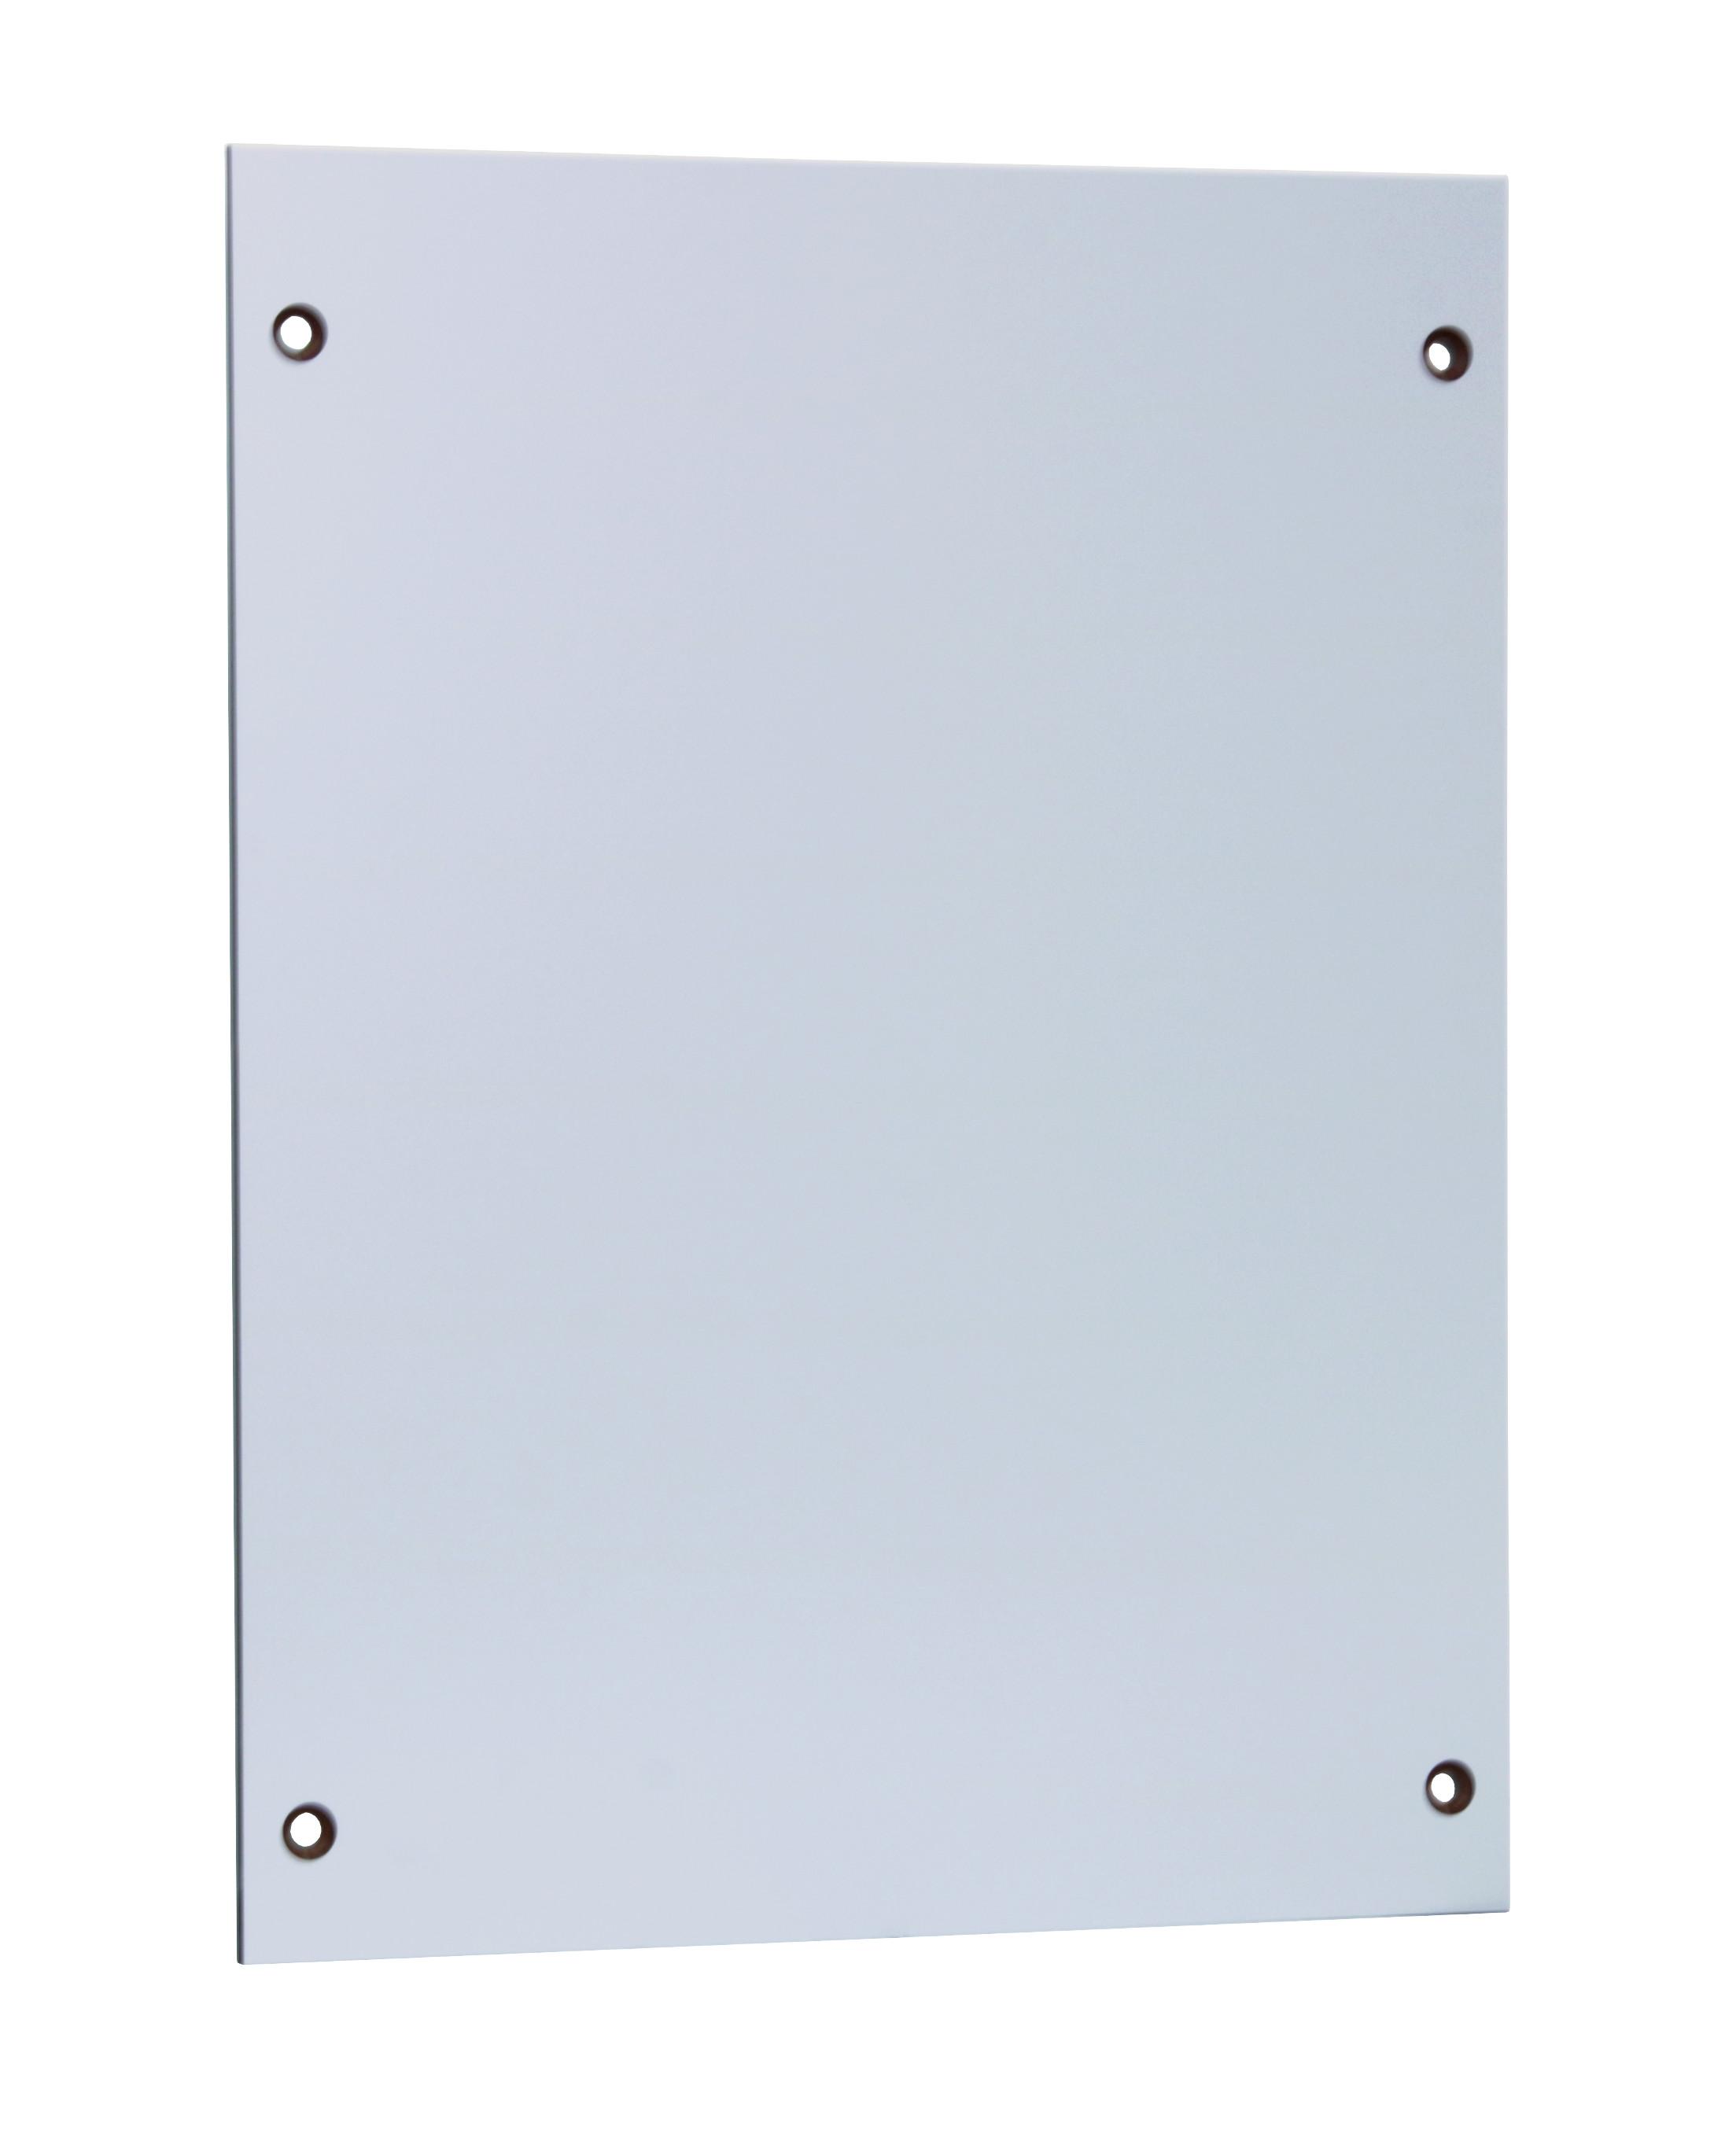 1 Stk Montageplatte für IG008203, 695x648x6mm IG008223--